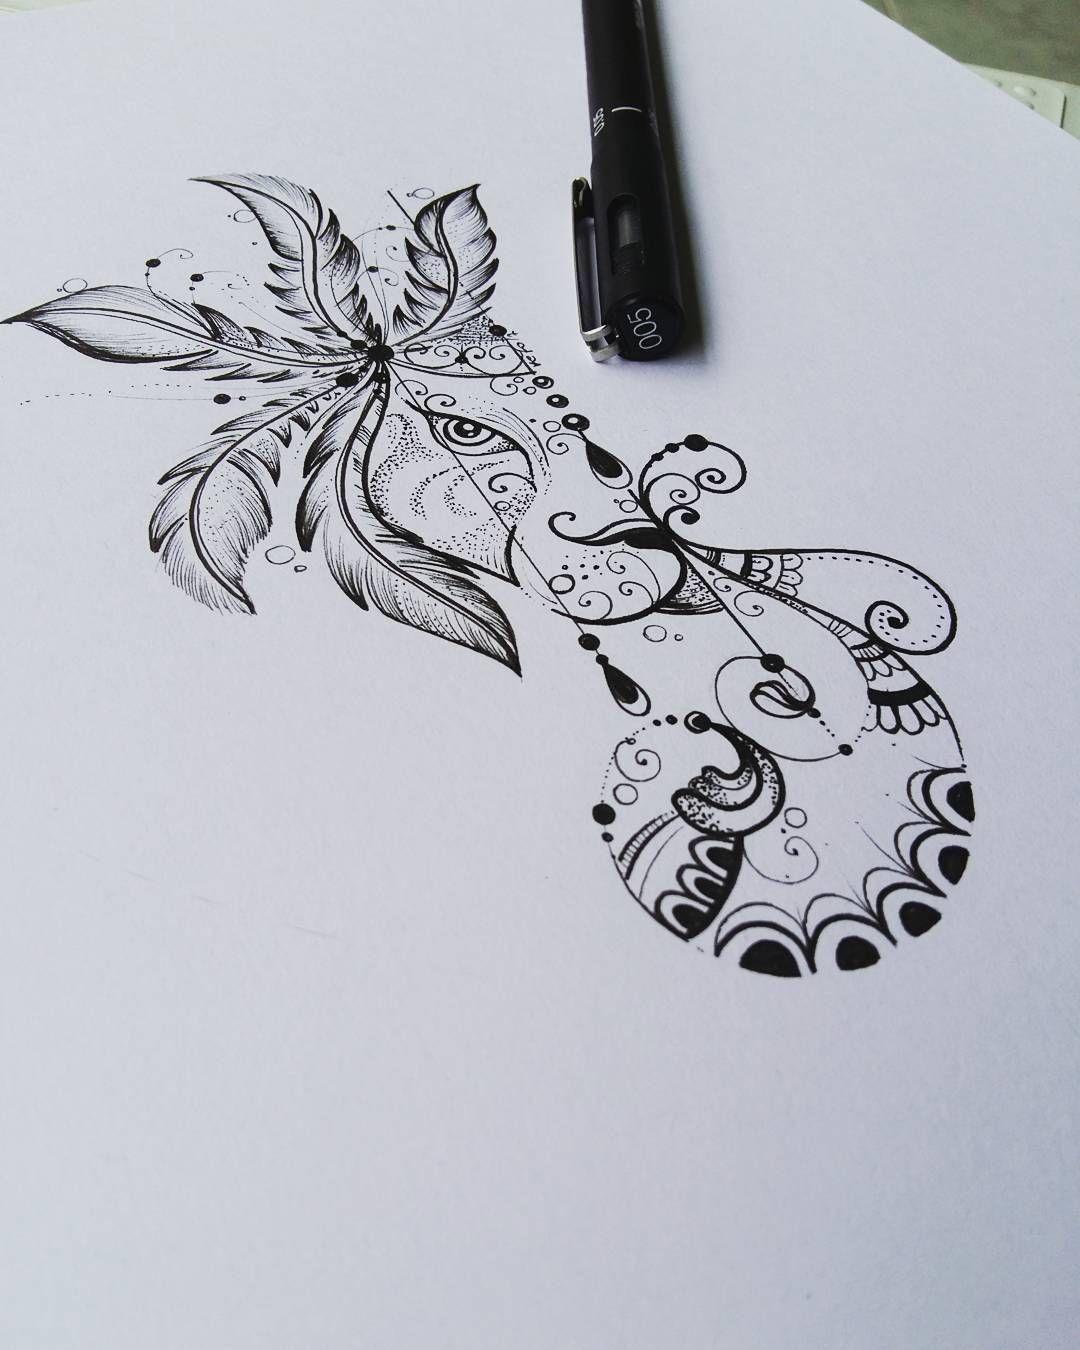 татуировки со знаком архангела